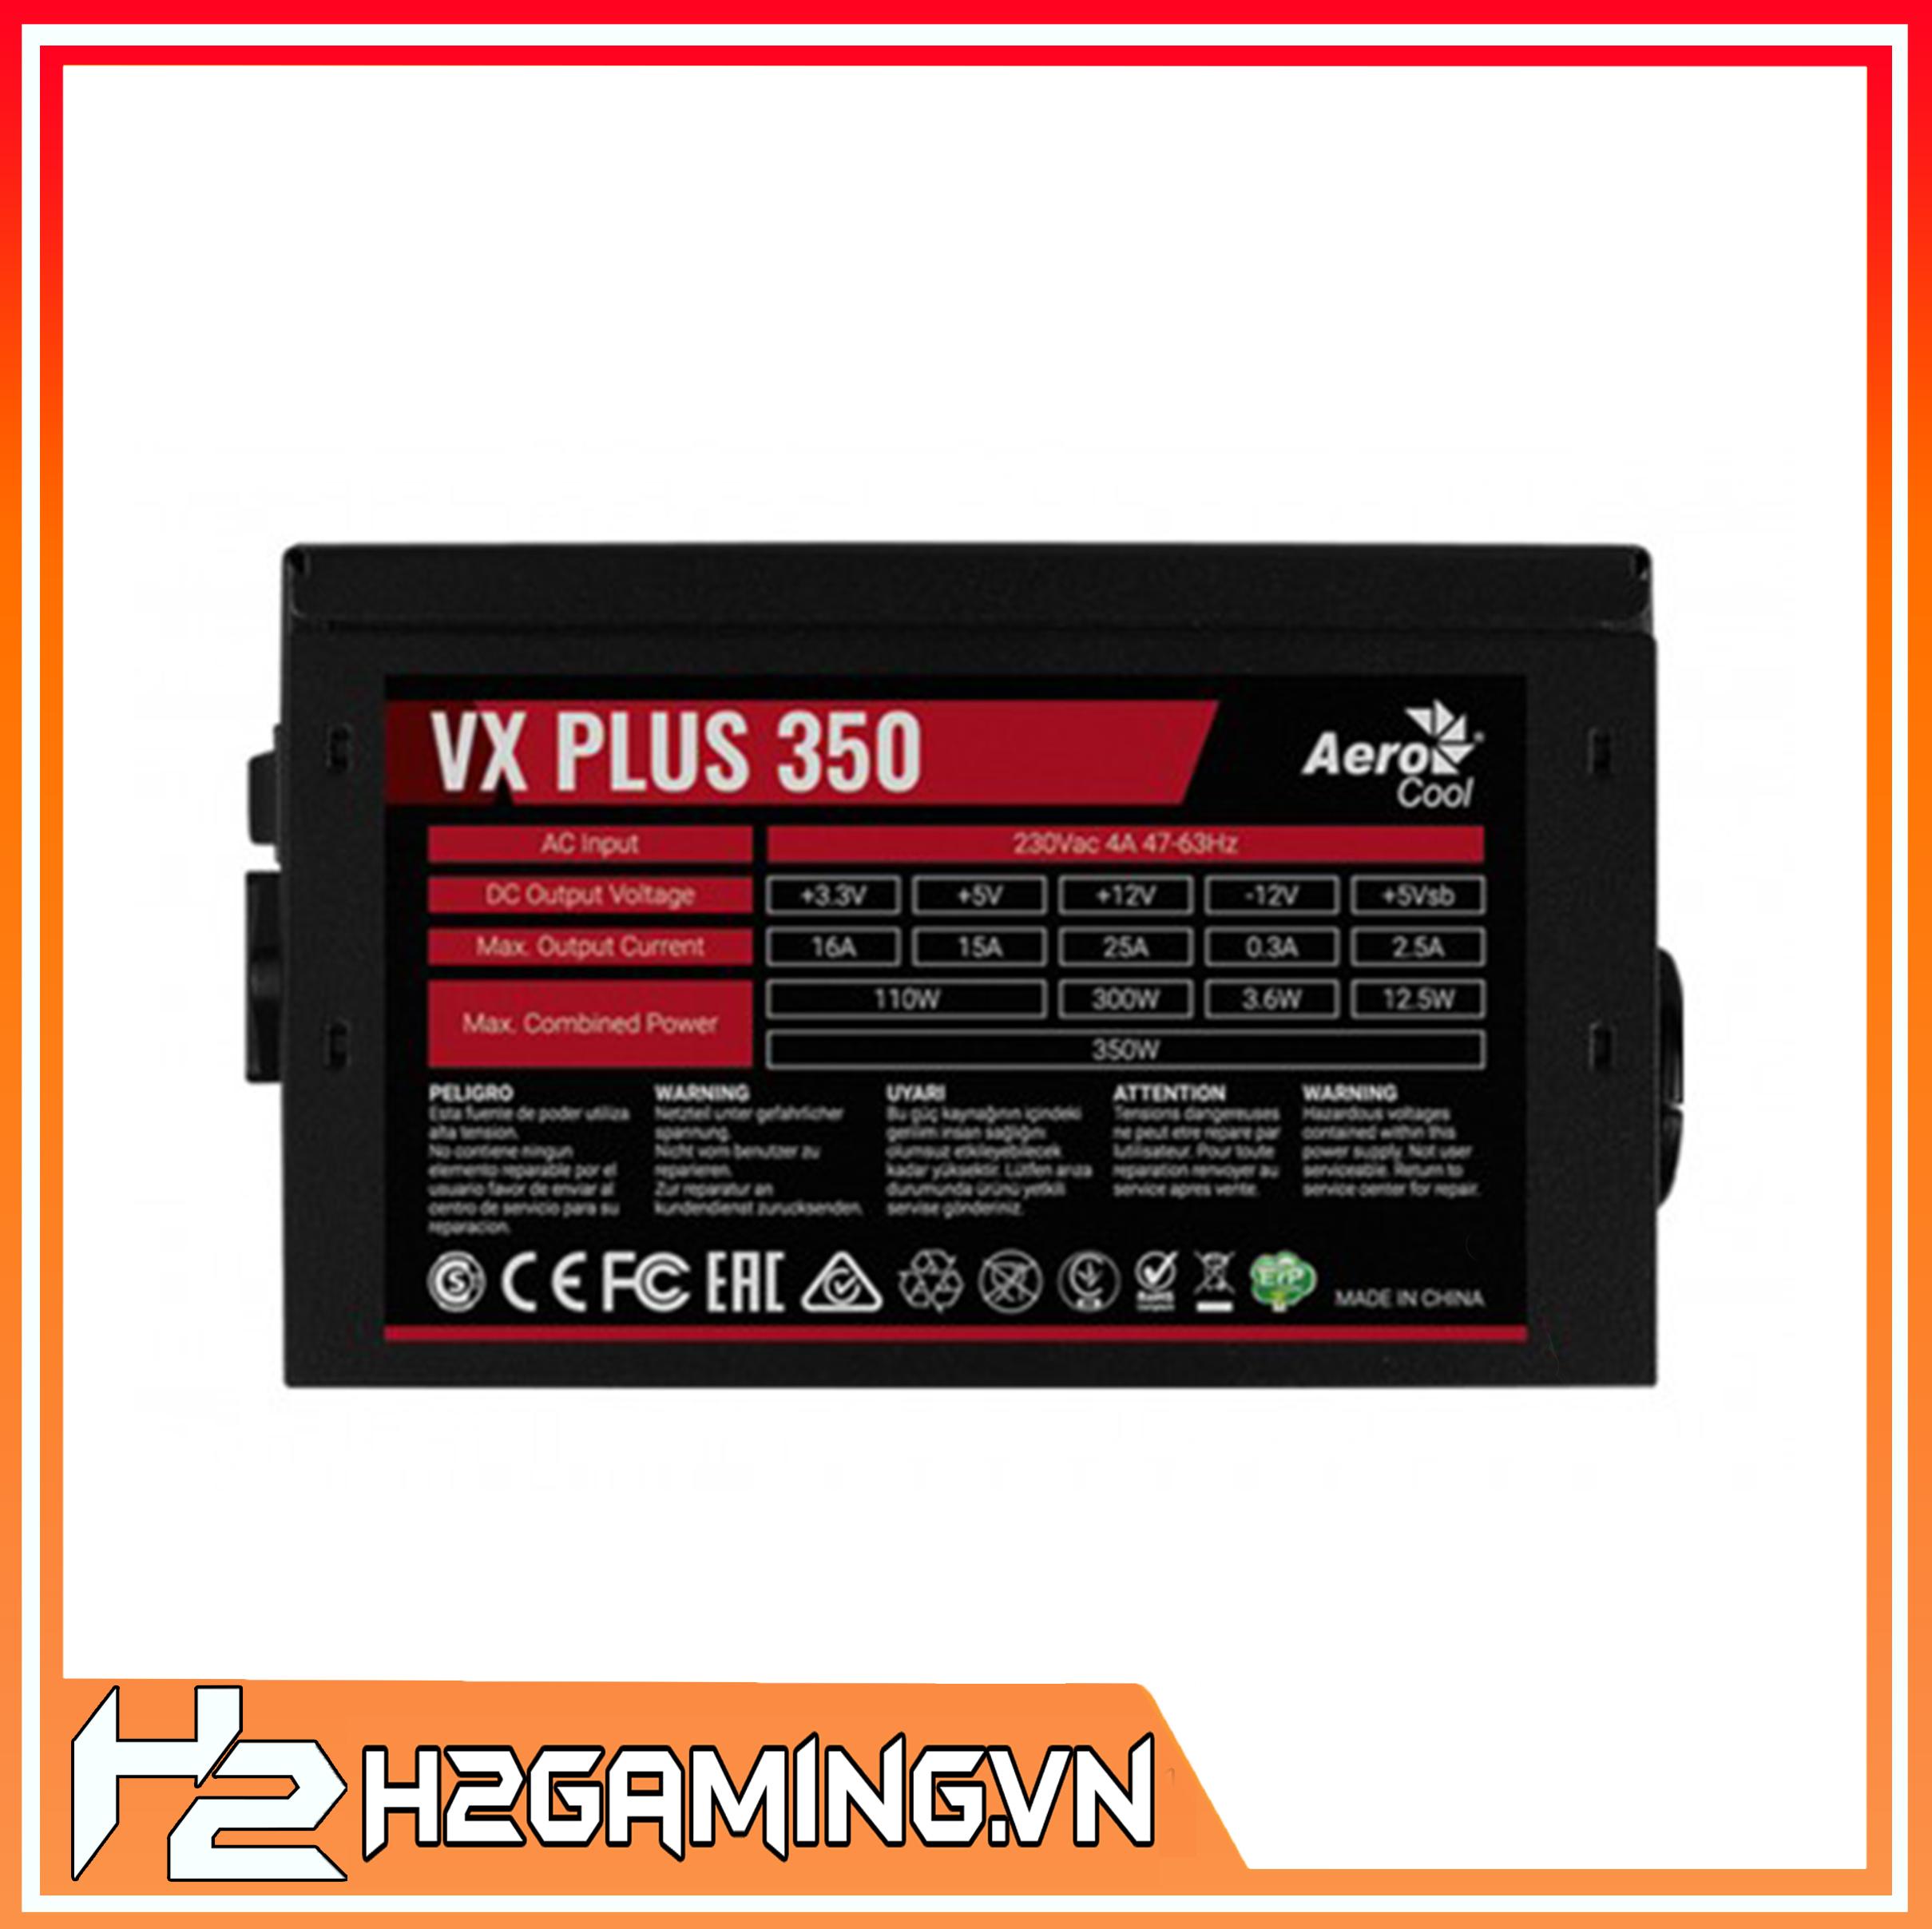 VX_PLUS_350_230V_N-PFC_2